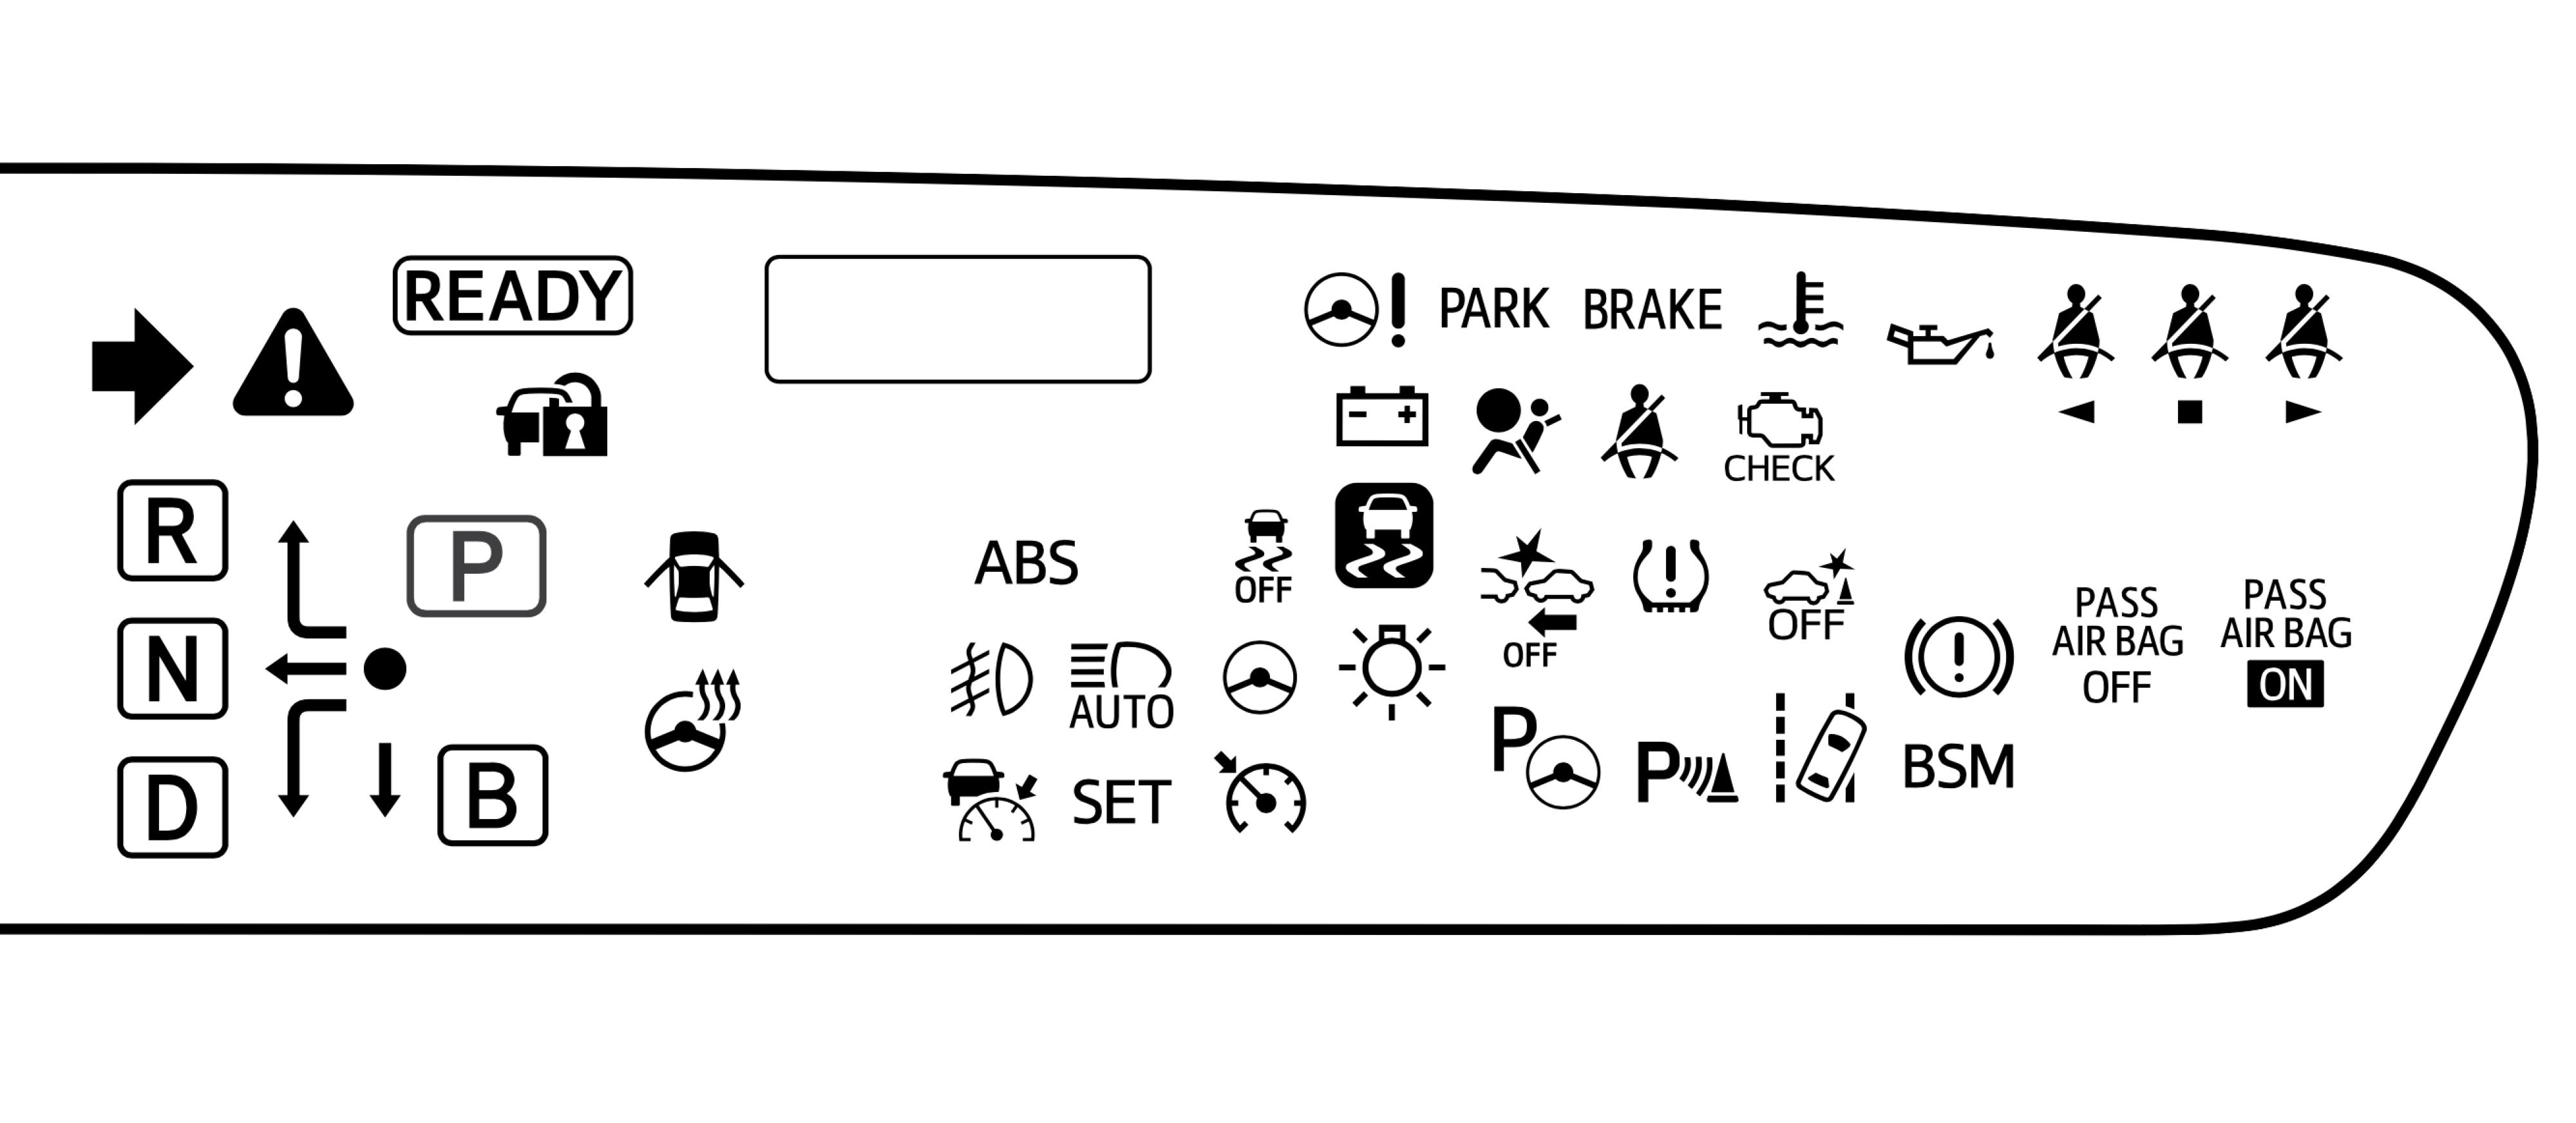 搞懂这7个图标设计原则,你就能像专业图标设计师一样